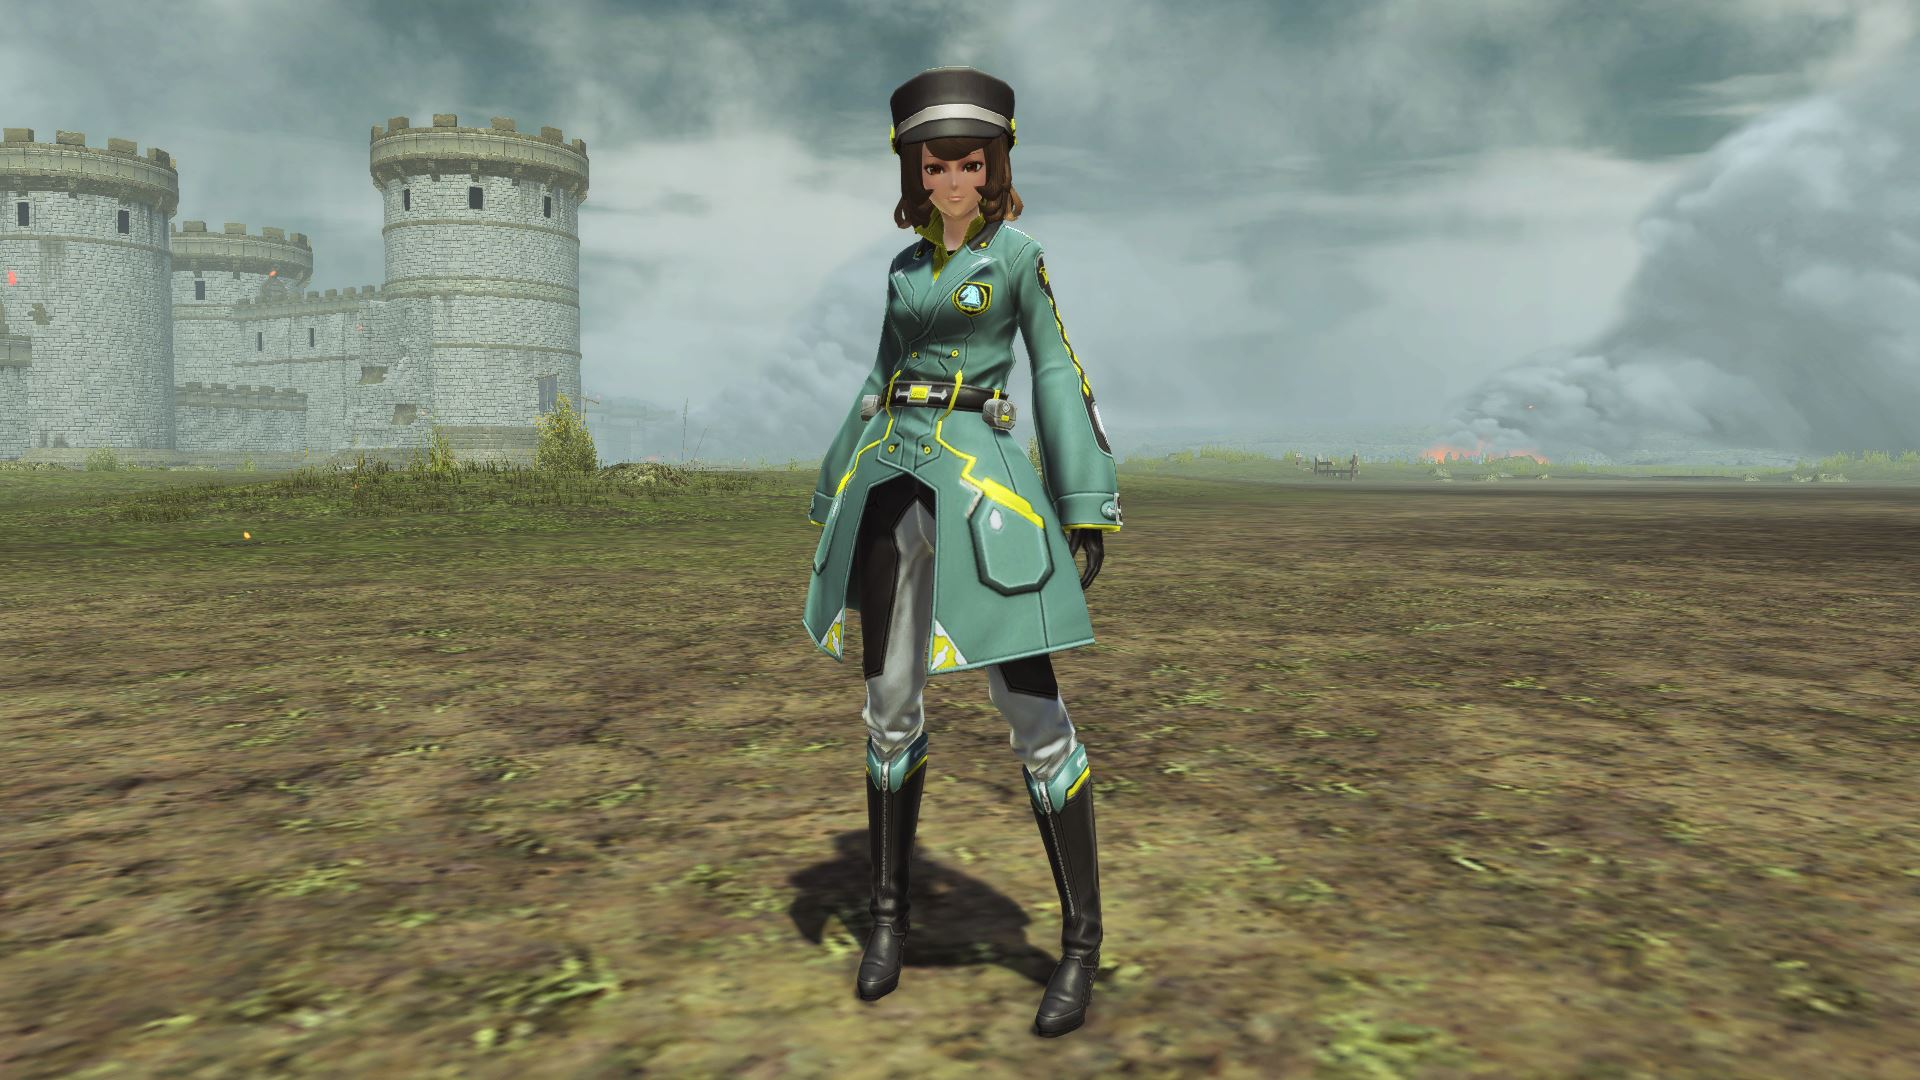 騎乗する時などに着用する服。伸縮性に富んでおり、しっかりした厚手の生地ながらも動きやすい